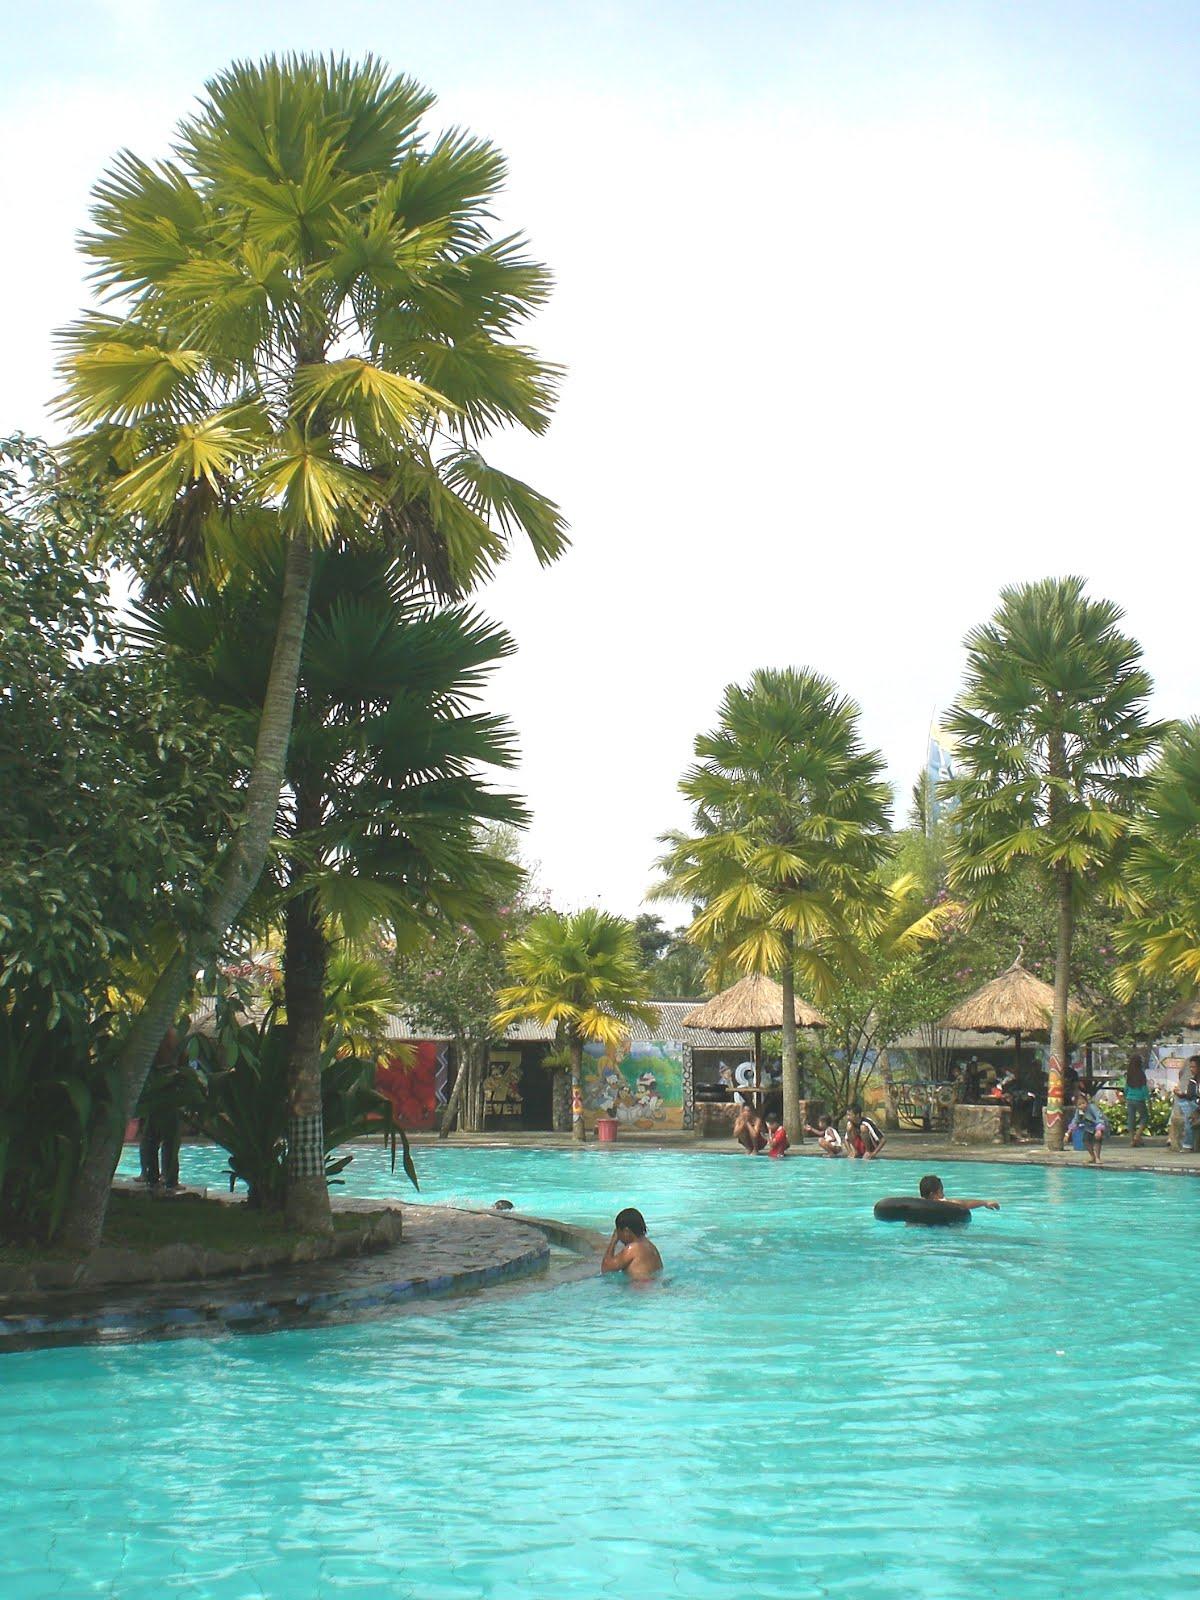 Wisata Umbul Bening Glenmore Banyuwangi Bagus Water Park Kab